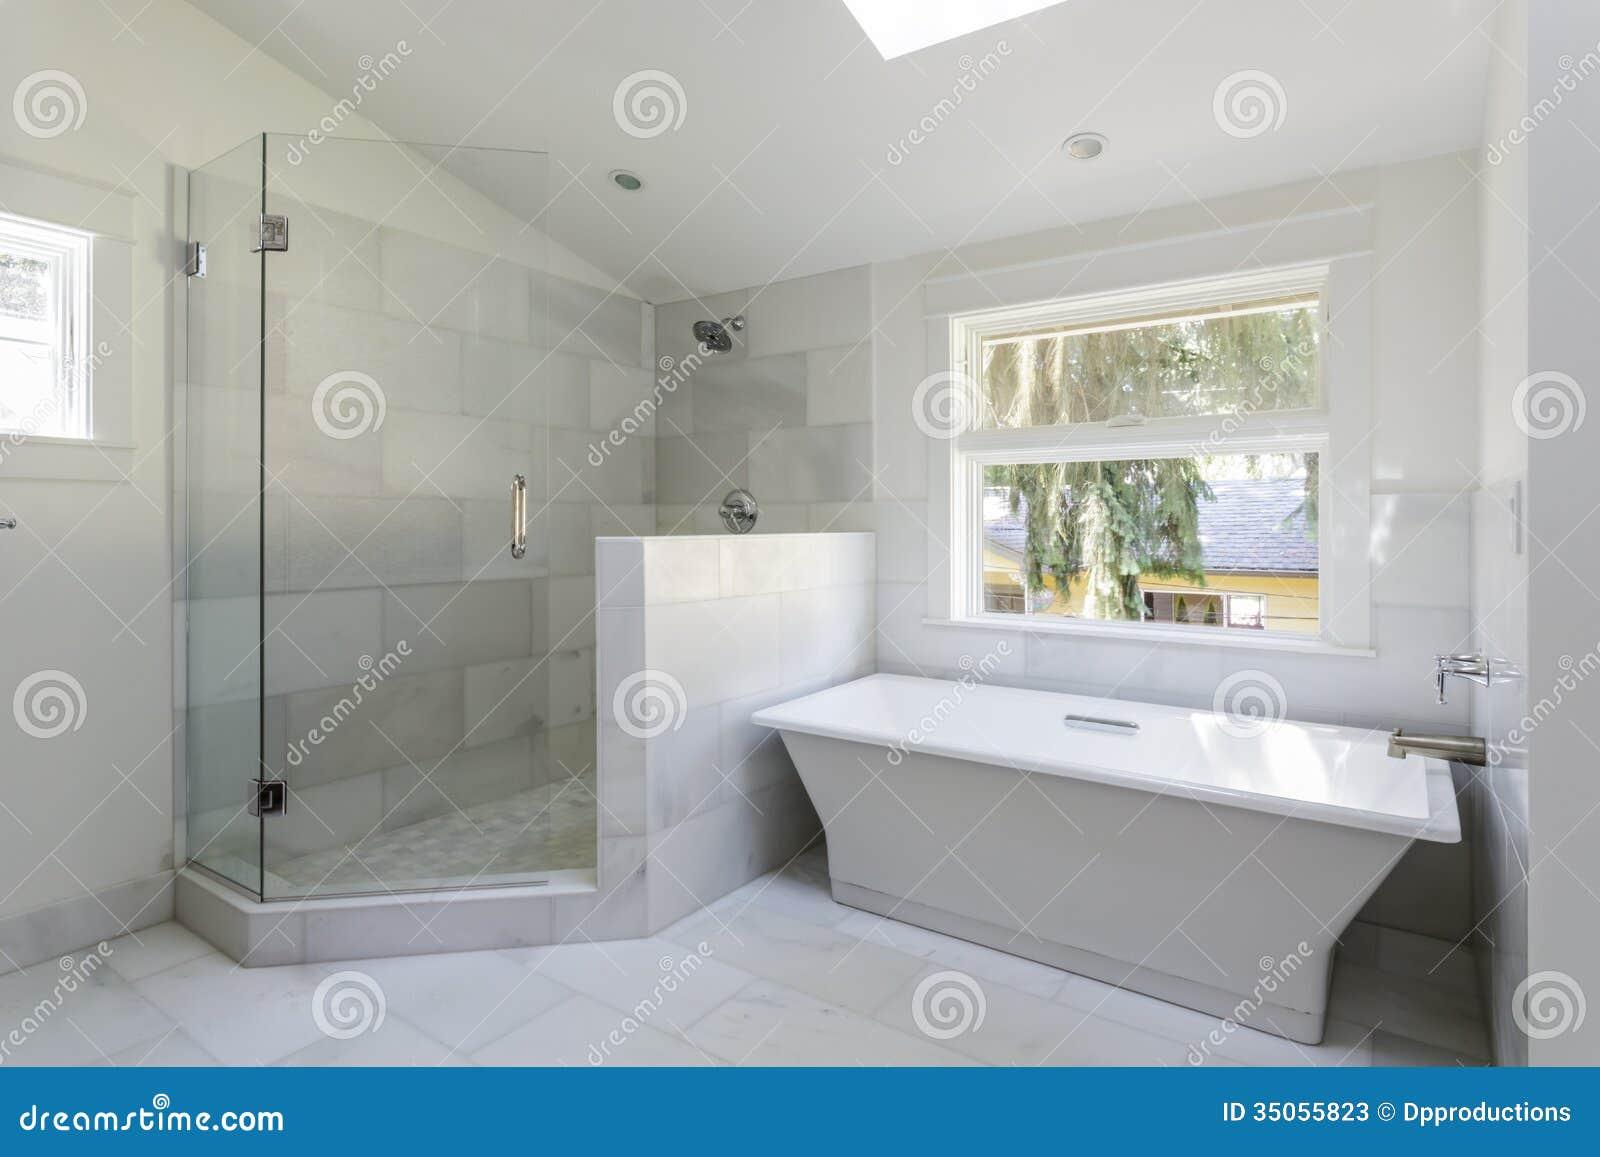 Salle de bains moderne avec la douche et la baignoire for Salle de bain moderne prix